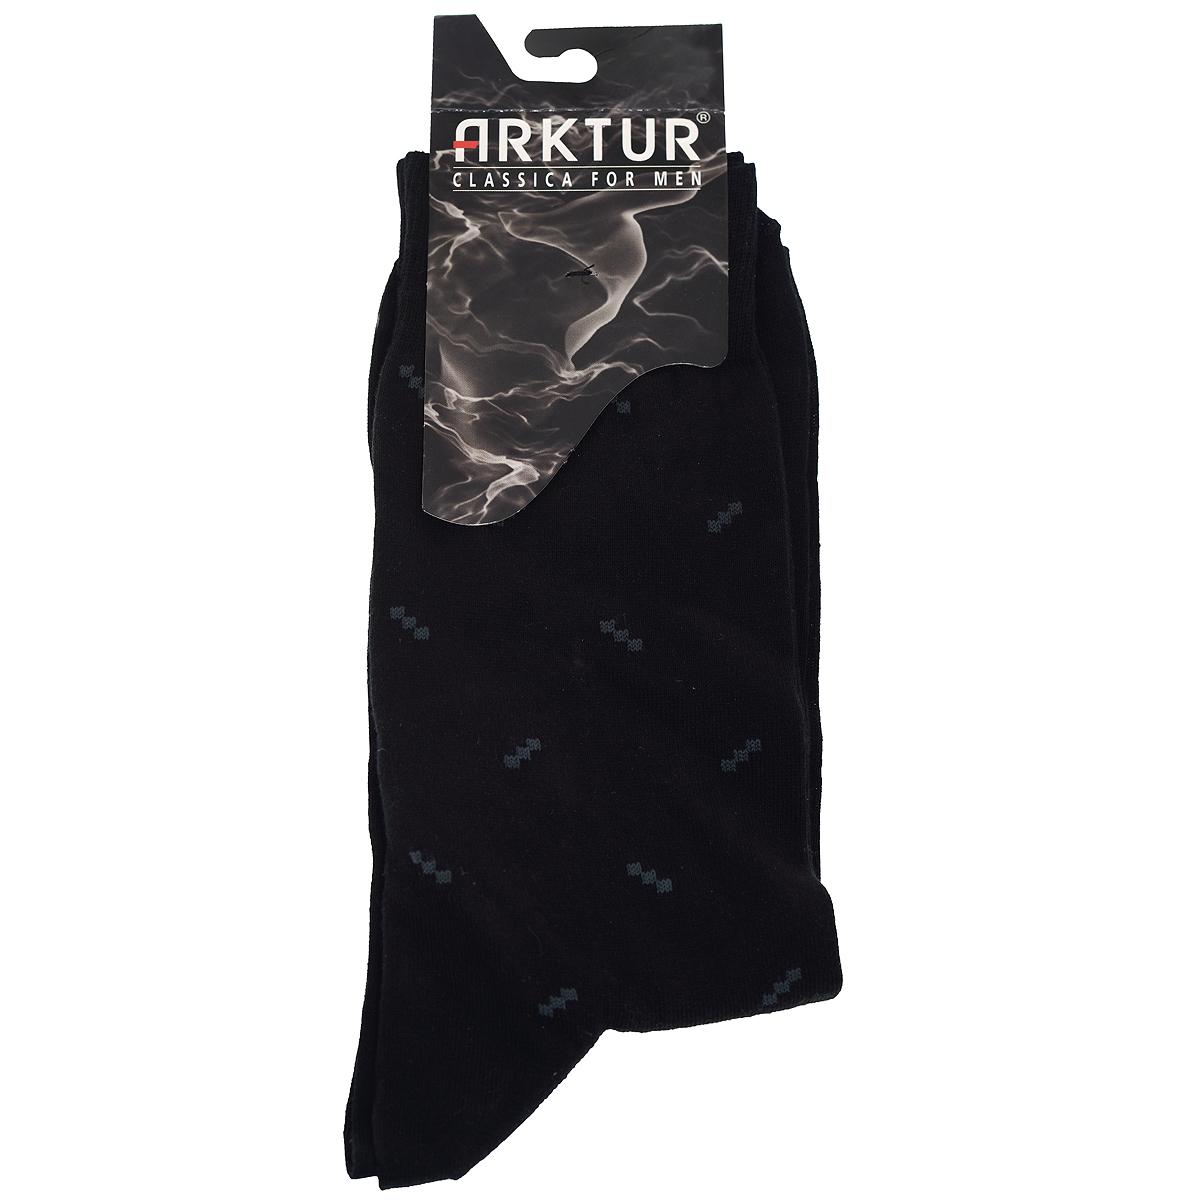 НоскиЛ207Мужские носки из высококачественного сырья европейского производства. Комфортные и прочные. Удобная широкая резинка пресс-контроль не сдавливает ногу. Усиленная пятка и мысок. Удлиненный паголенок.